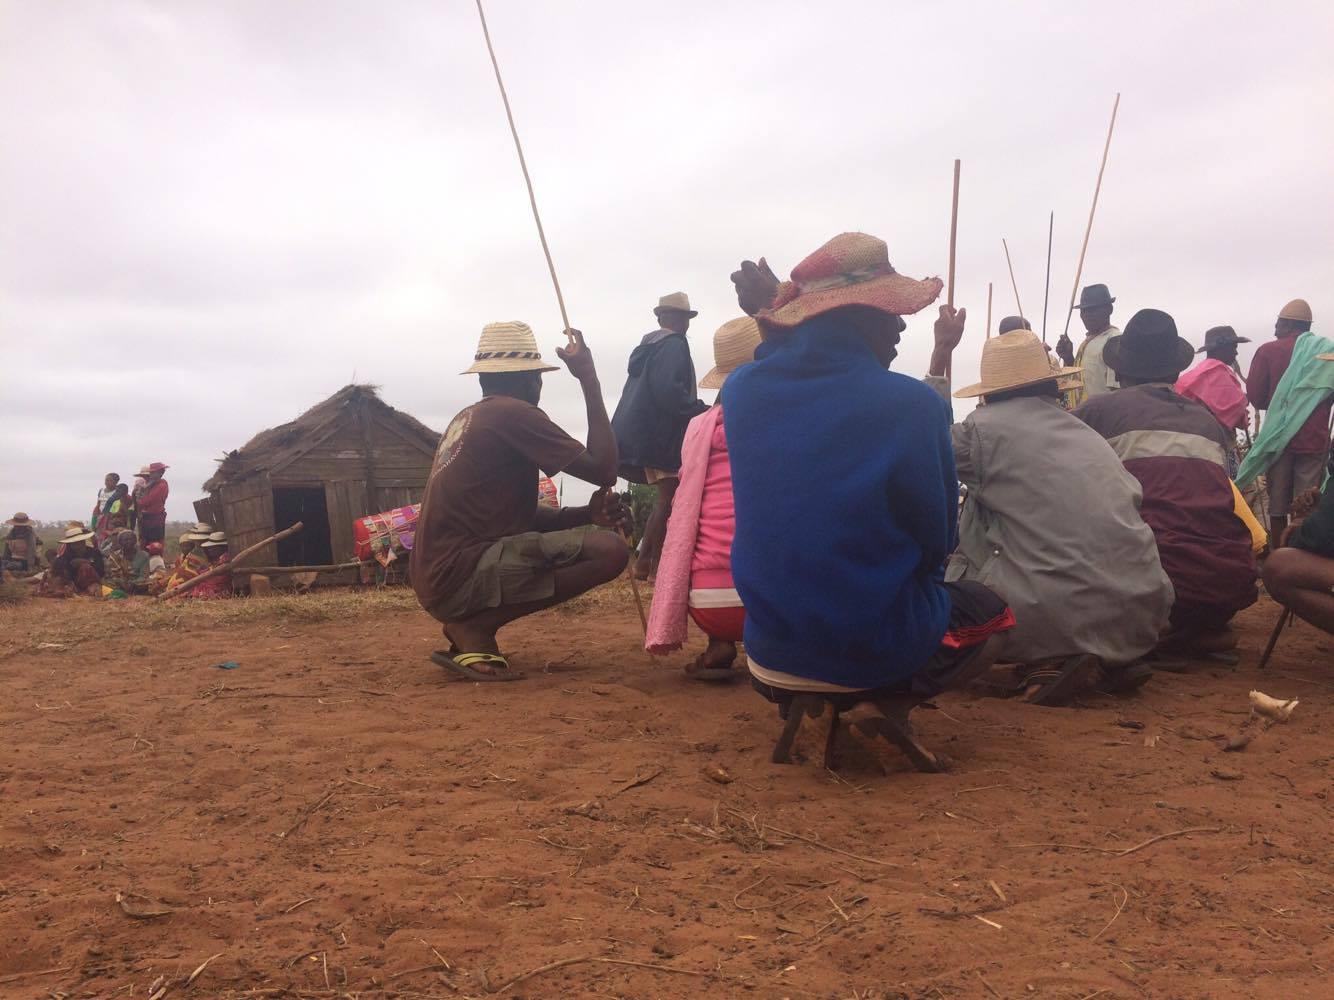 Older male attendees huddled together, holding long sticks or spears.